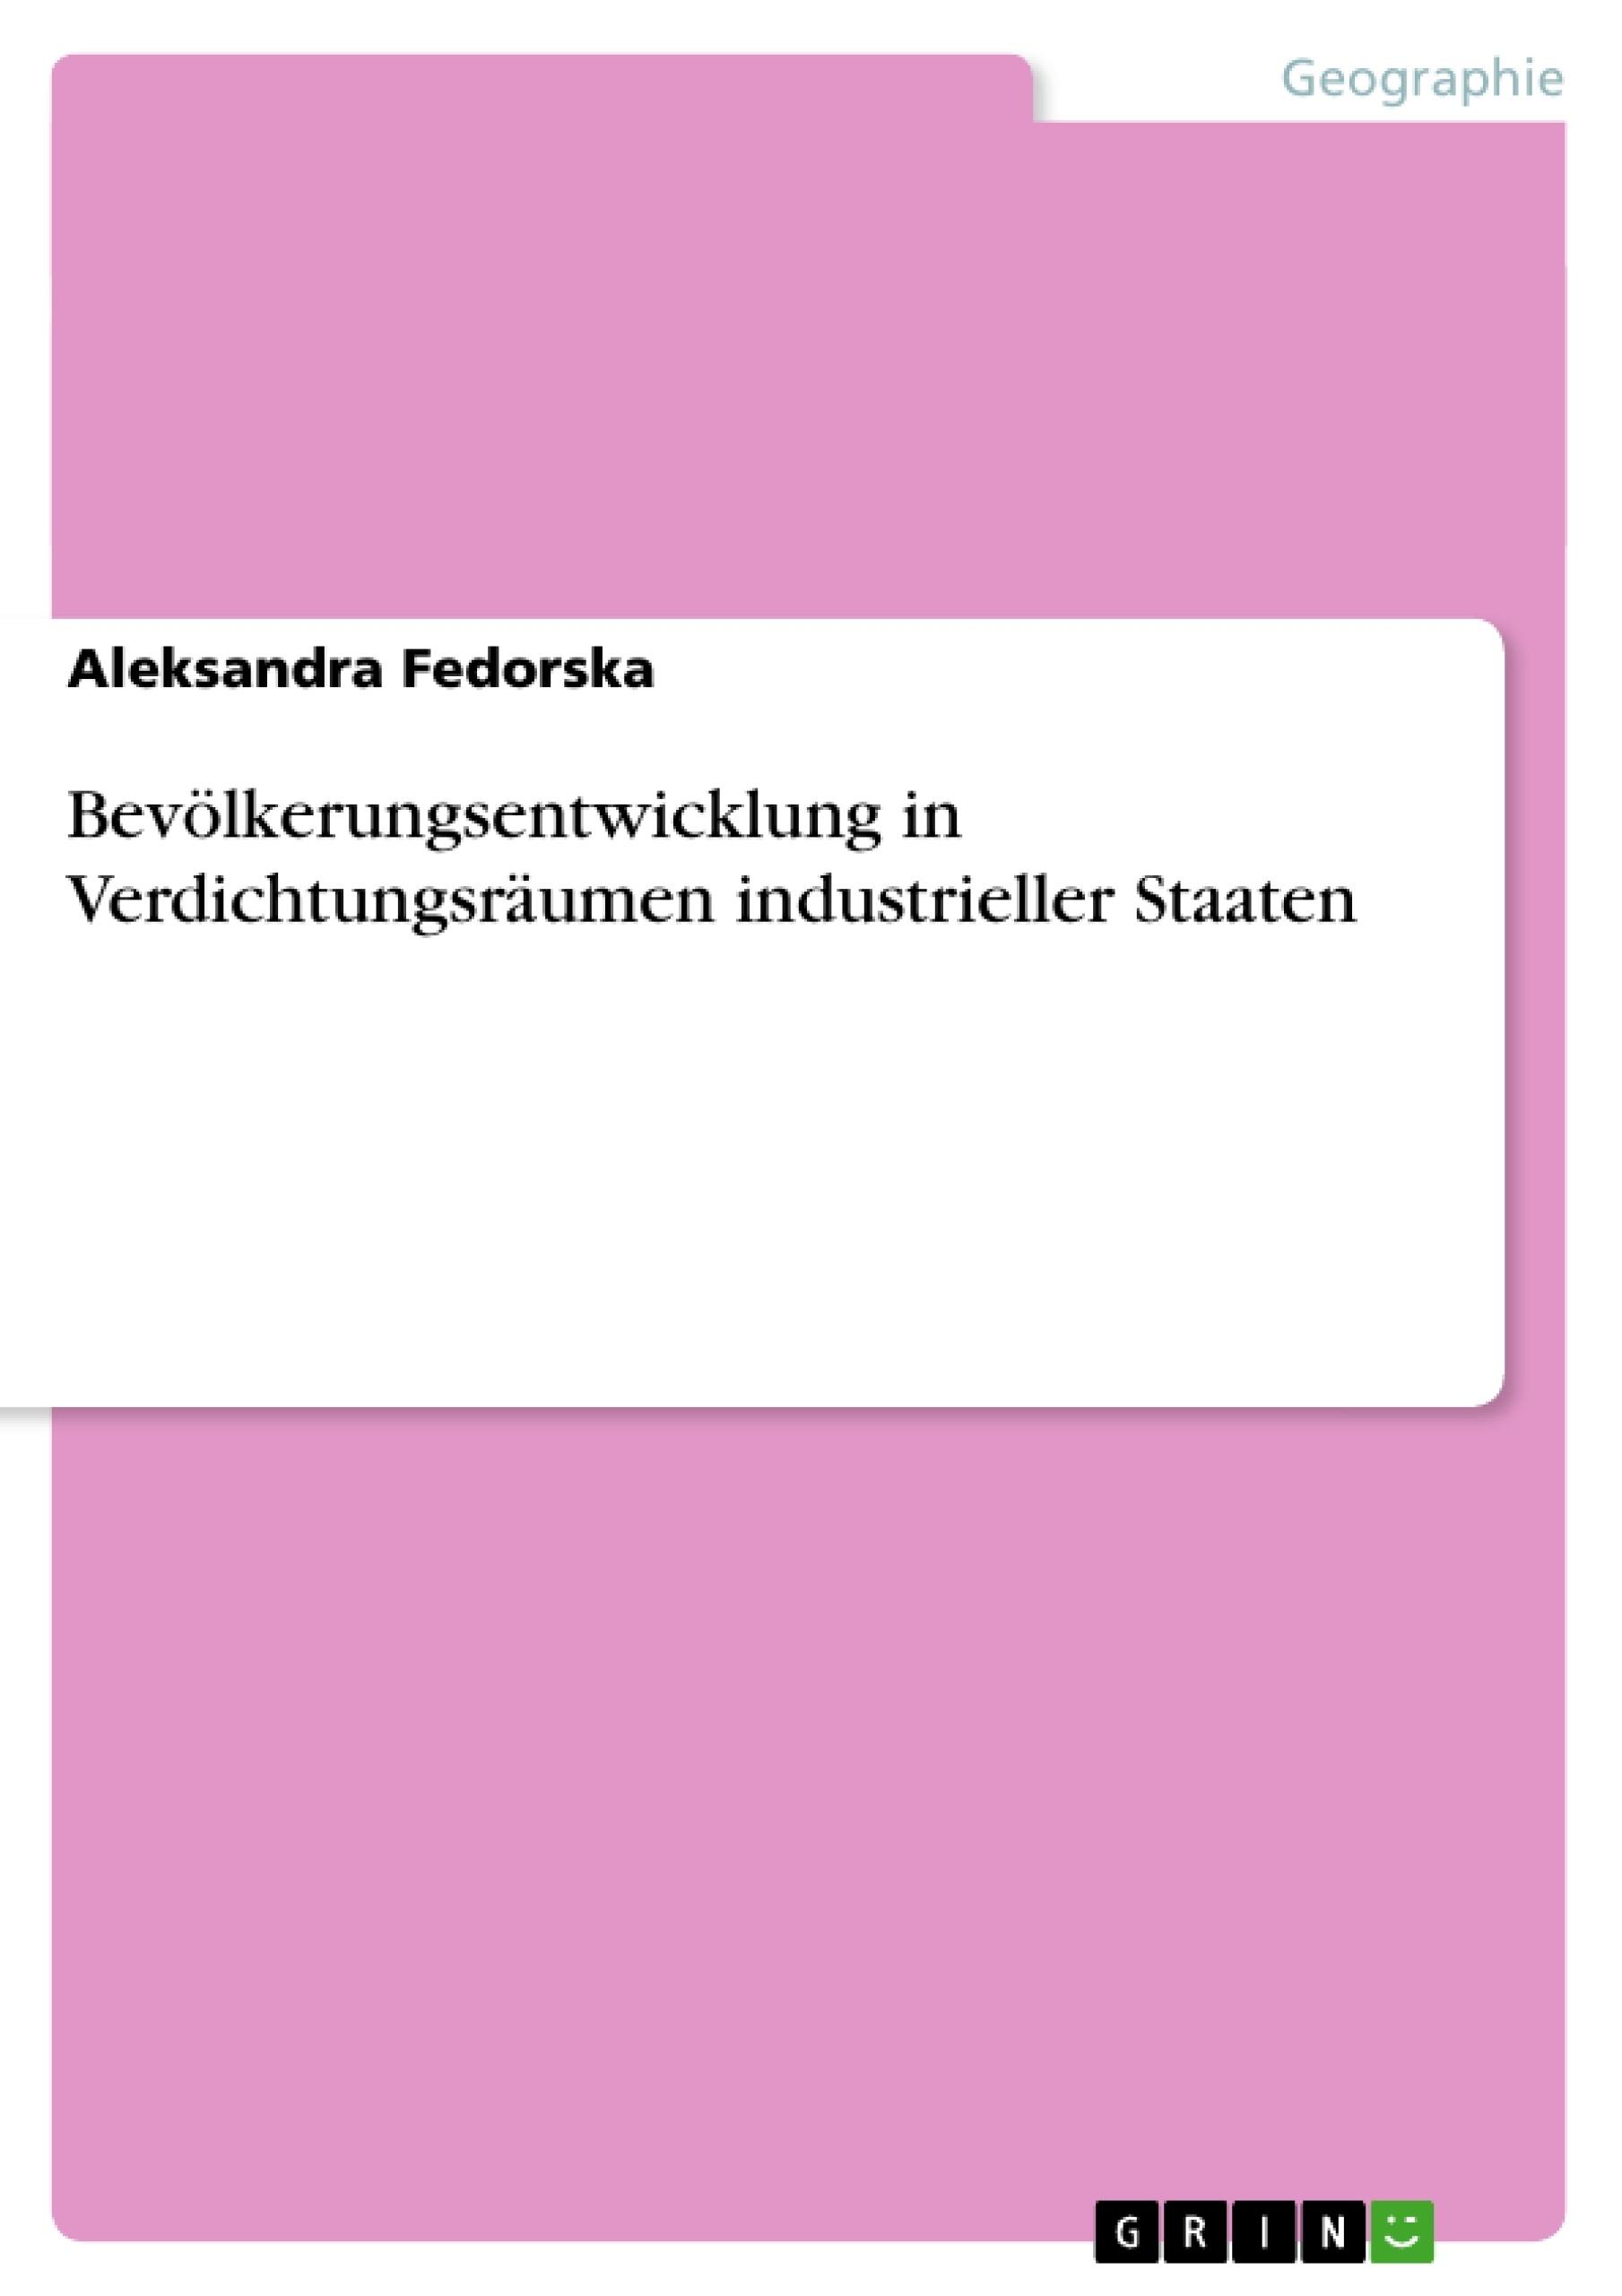 Titel: Bevölkerungsentwicklung in Verdichtungsräumen industrieller Staaten